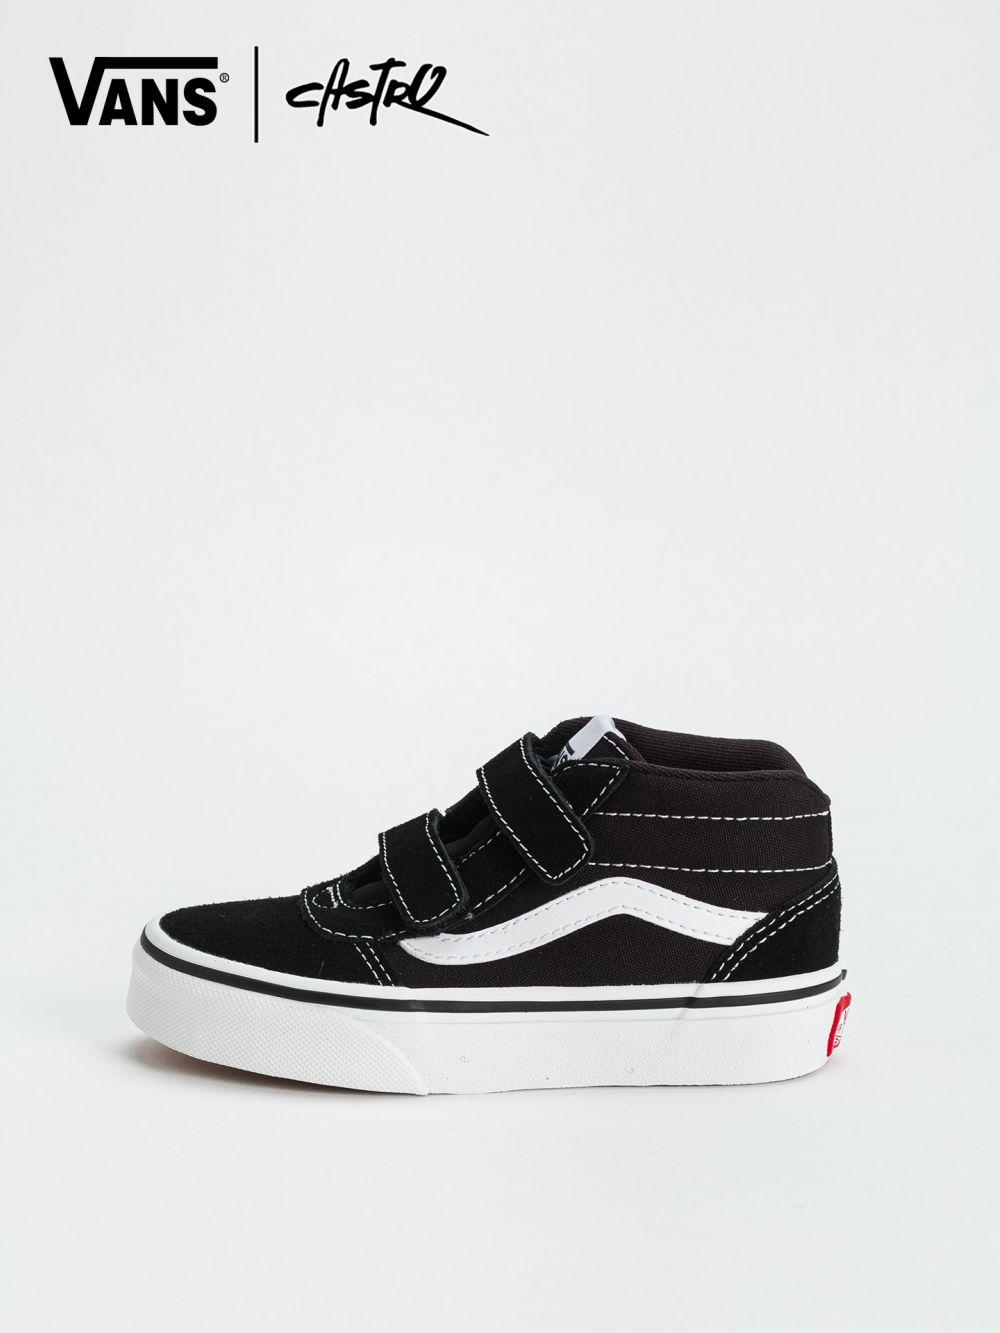 נעלי Vans שחורות גבוהות / ילדים יוניסקס